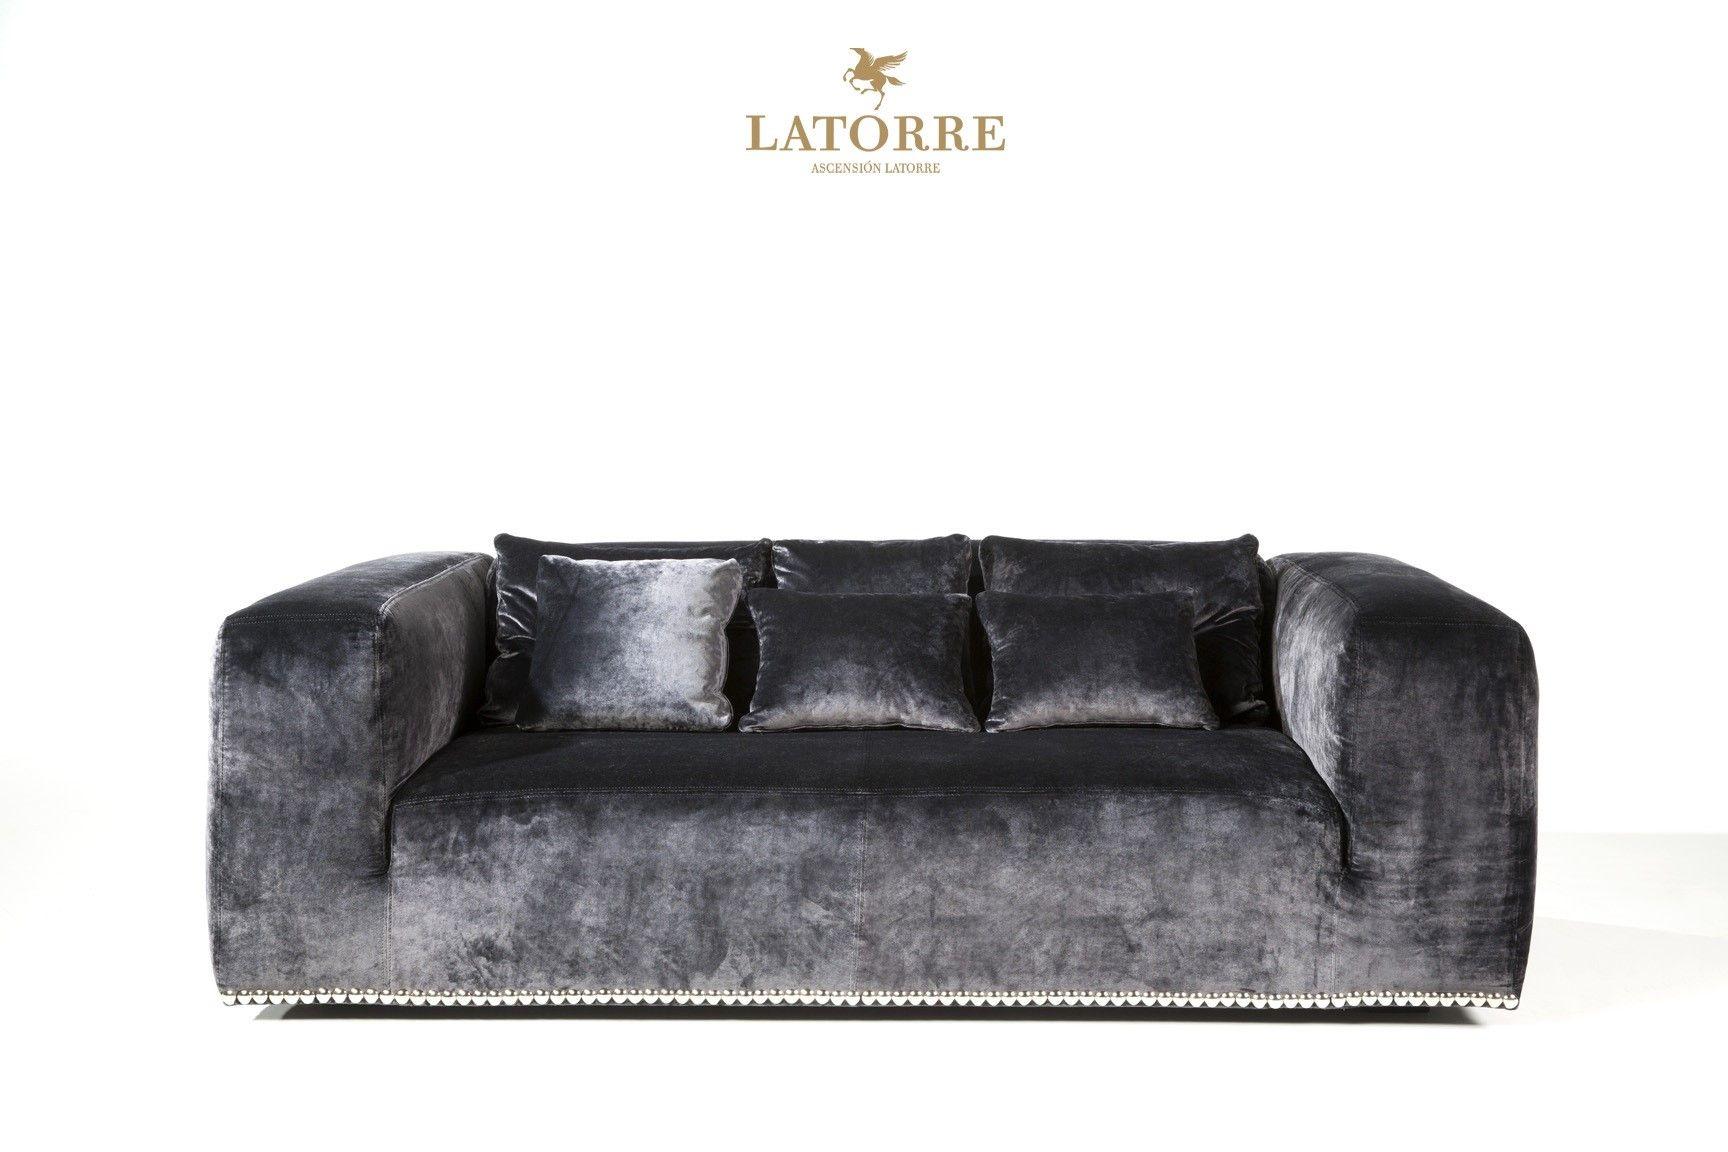 Bond sofa Latorre www.loggerewilpower.com